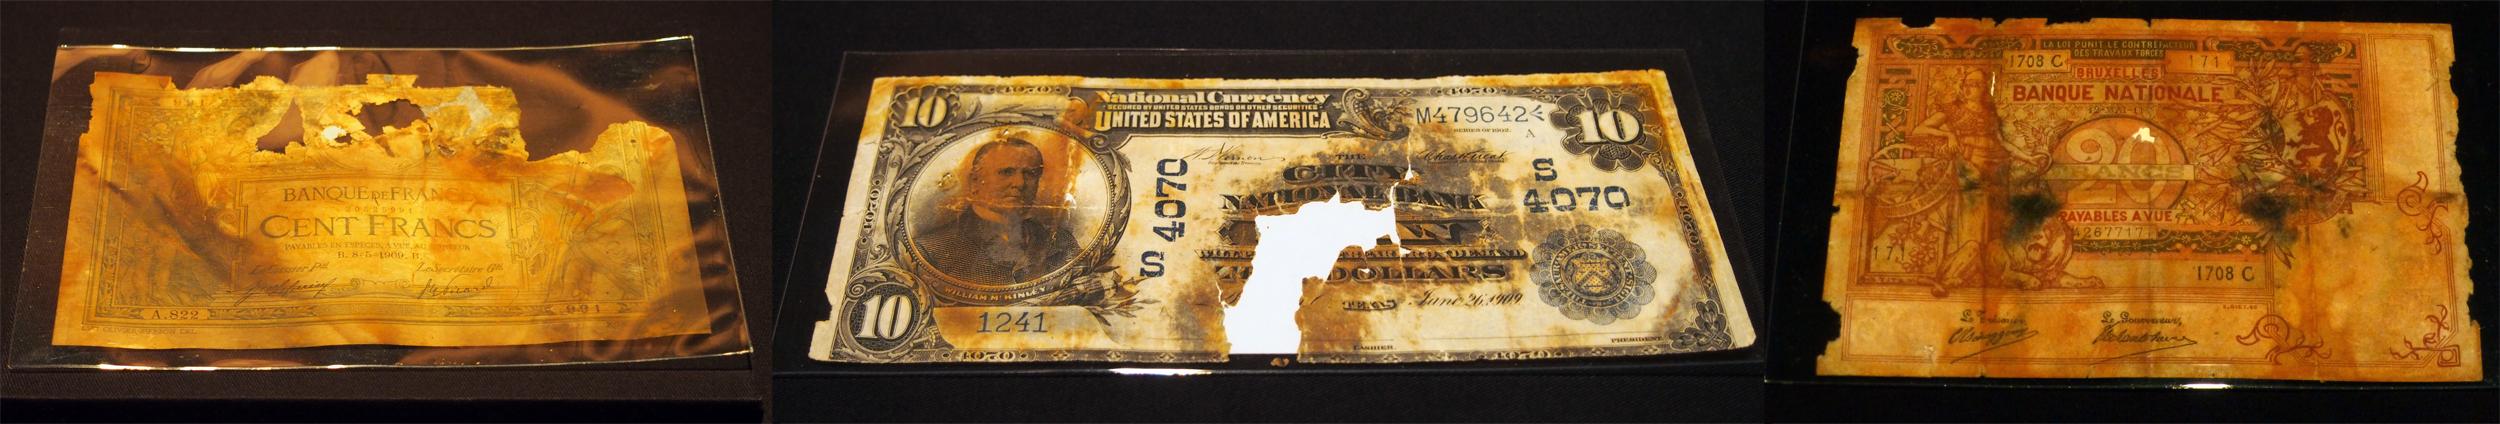 Billets-devises-dollar-franc-belgique-Titanic-RMS-Exposition-Porte-de-Versailles-15-avril-1912-naufrage-film-archive-trésor